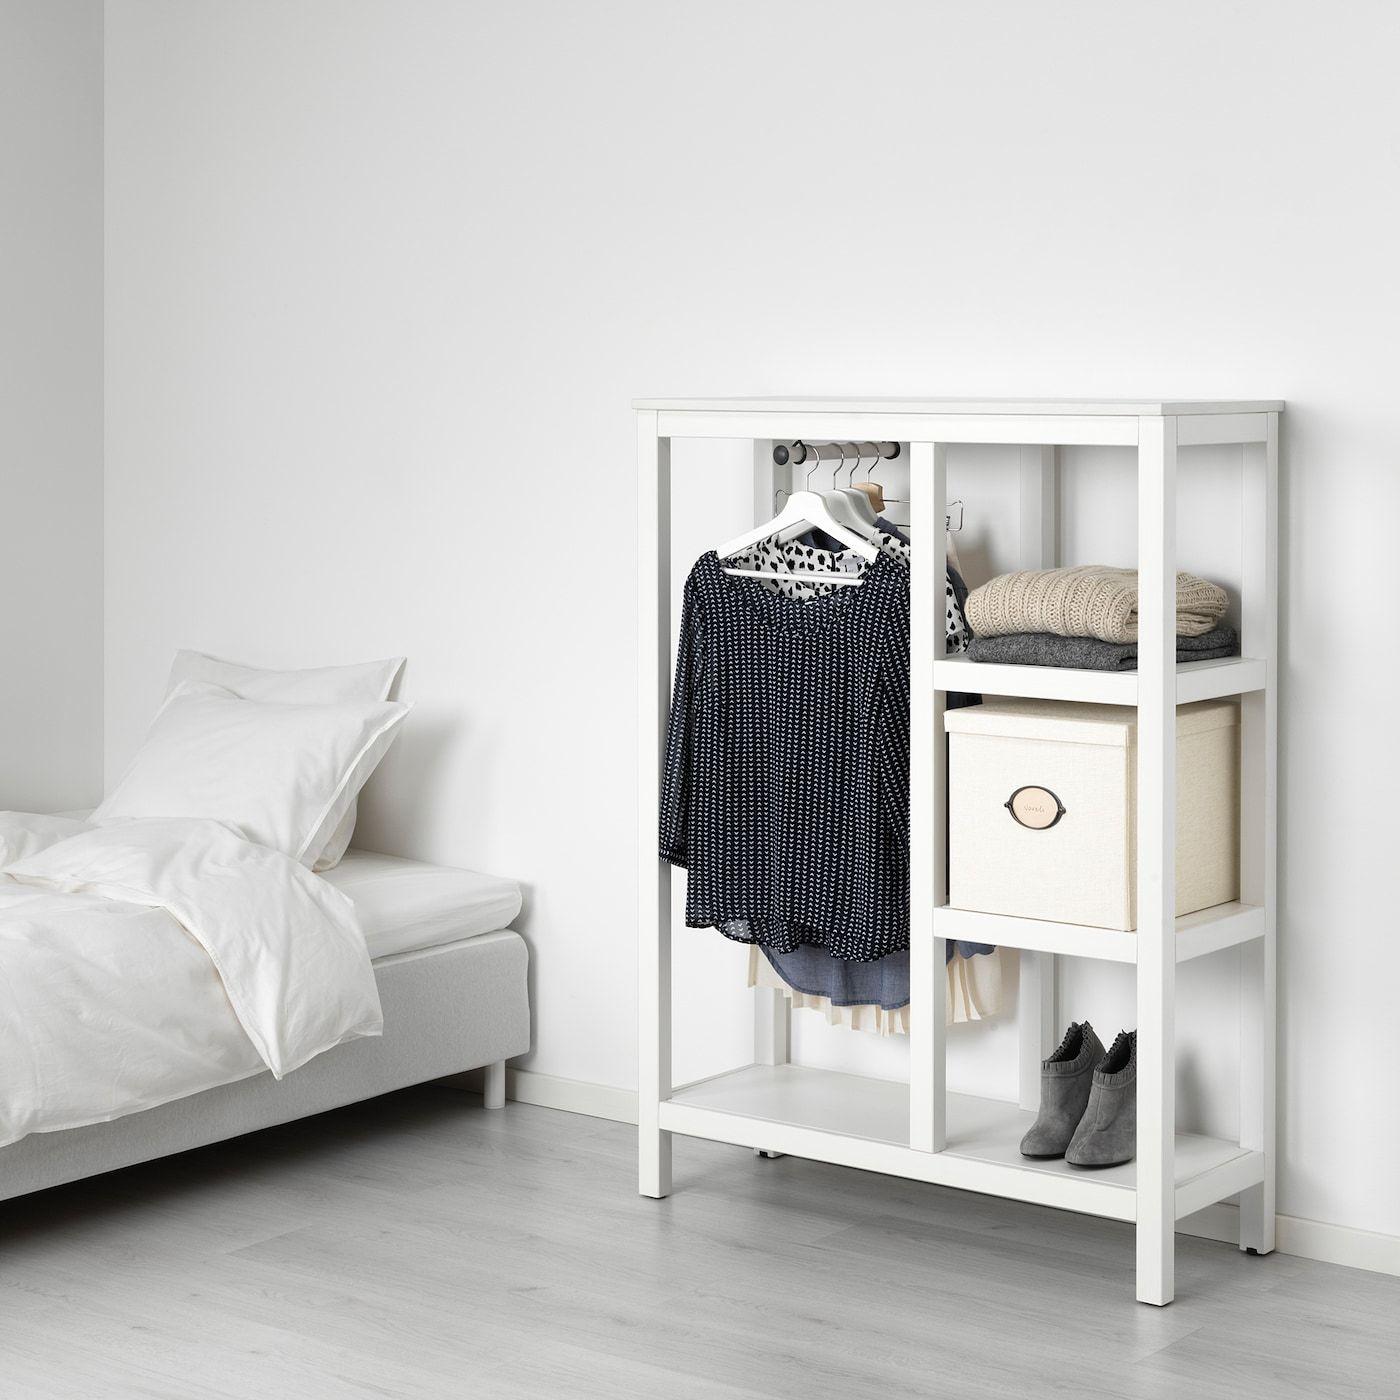 Hemnes Kleiderschrank Offen Weiss Las Ikea Deutschland In 2020 Hemnes Kleiderschrank Offene Garderobe Ikea Hemnes Kleiderschrank